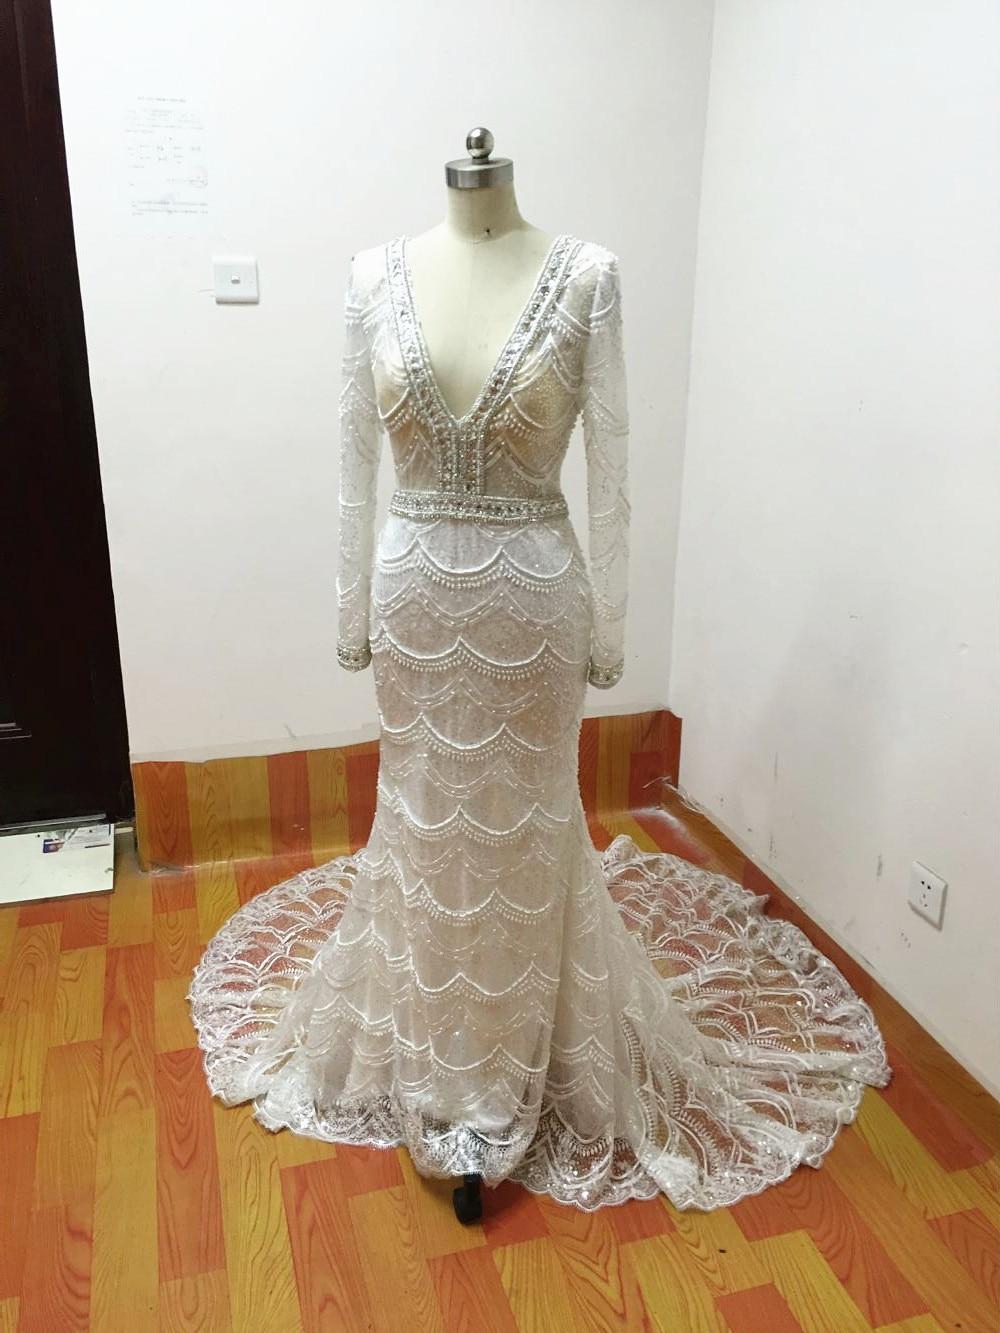 šitý na míru šatek Mermaid Svatební šaty 2015 dlouhé rukávy V - Svatební šaty - Fotografie 6